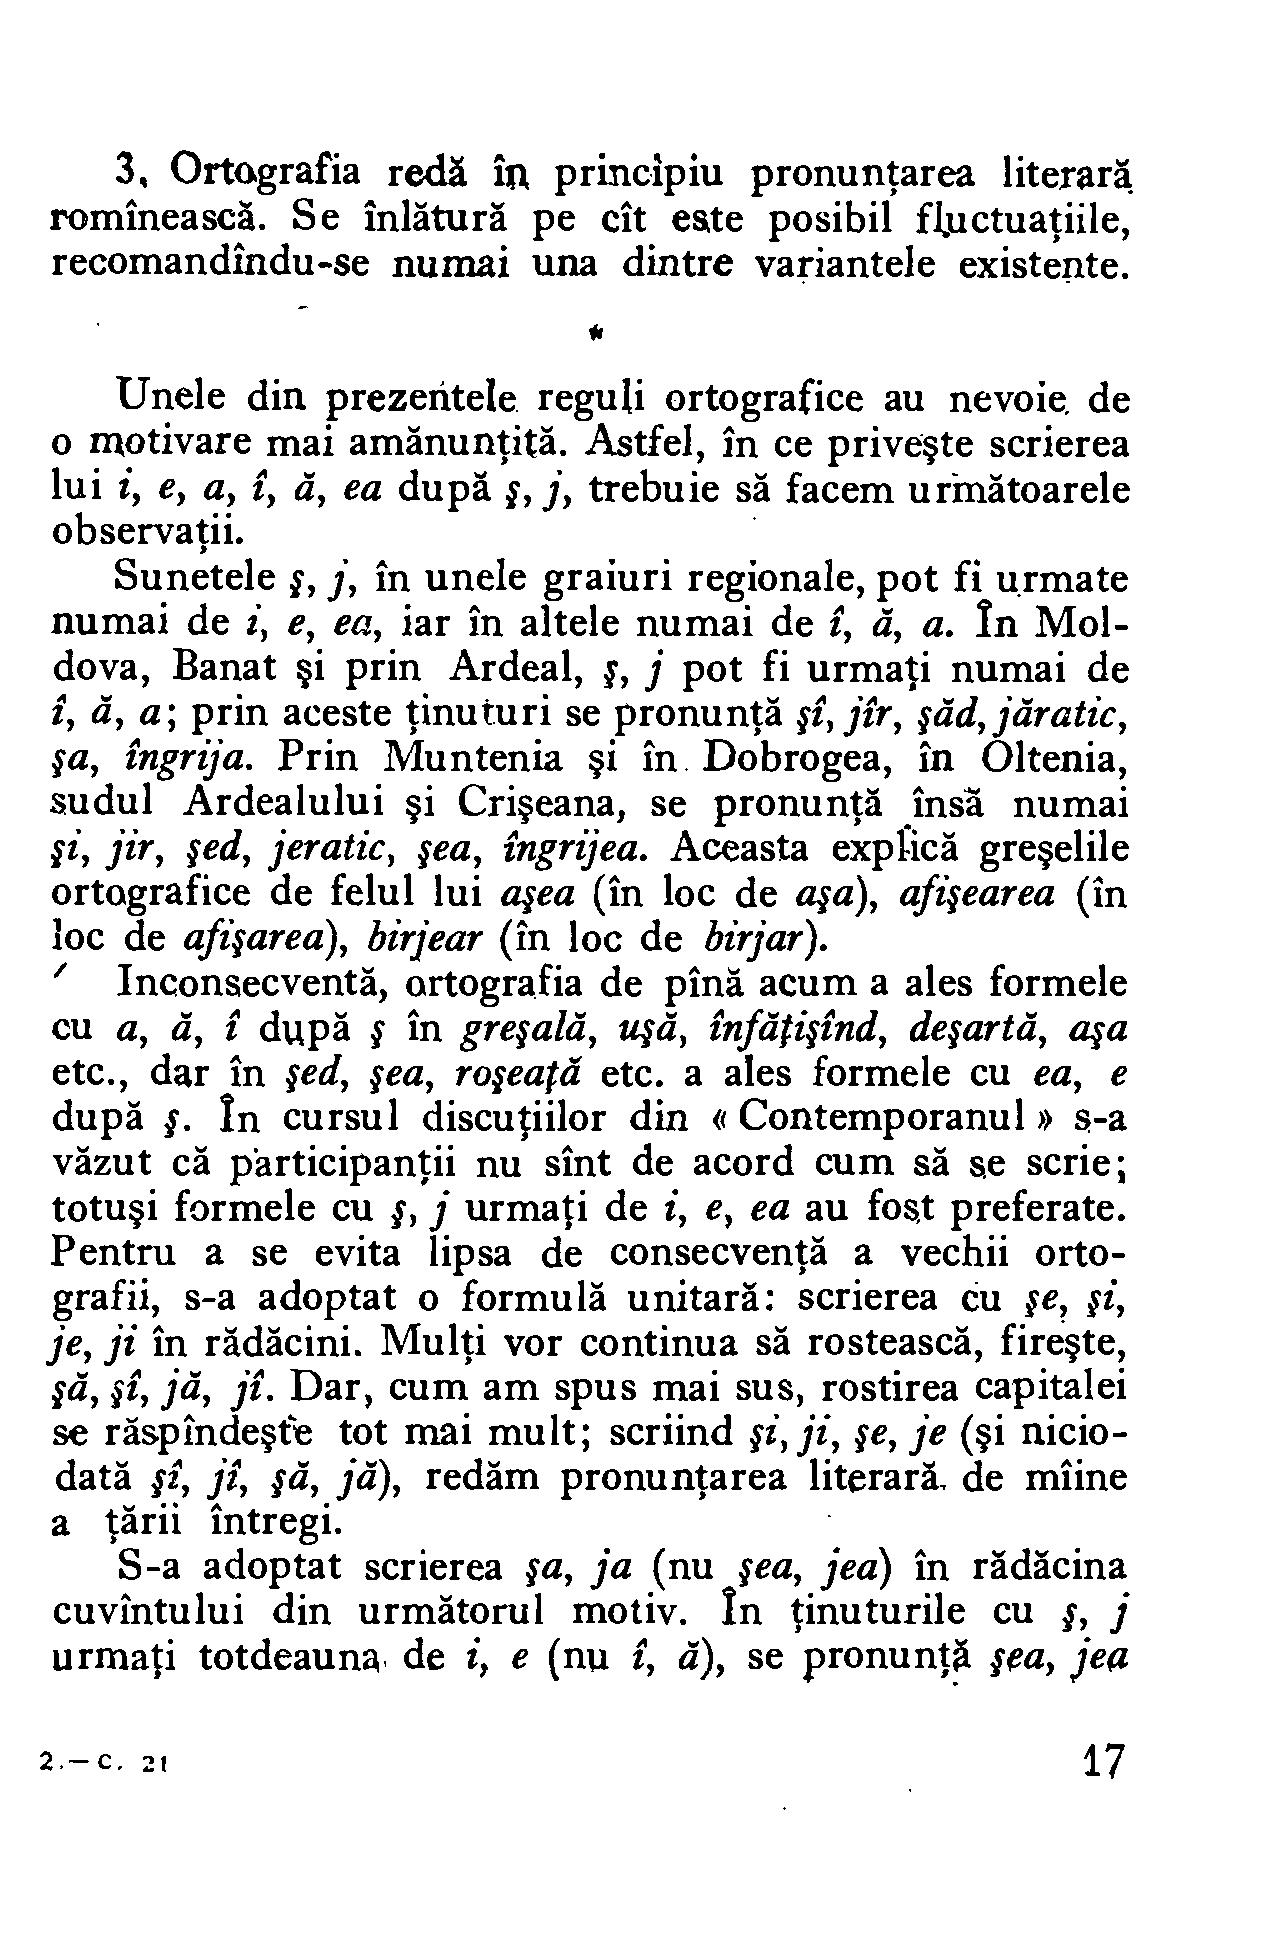 1954 - Mic dicționar ortografic (15).png